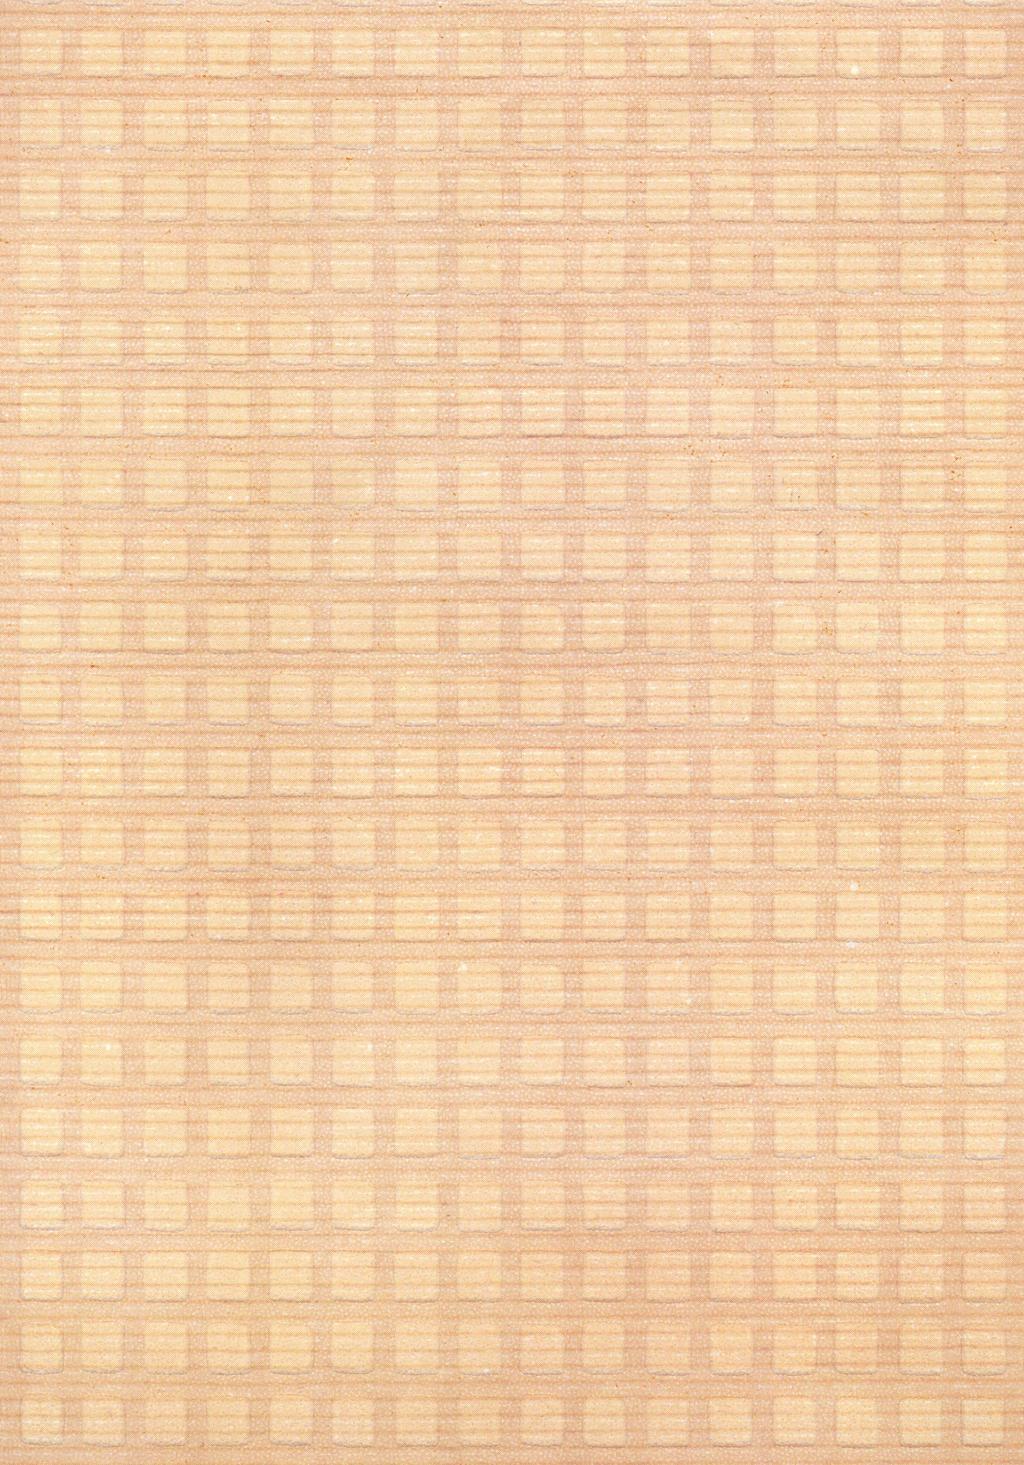 Square Grid Tile Paper Texture